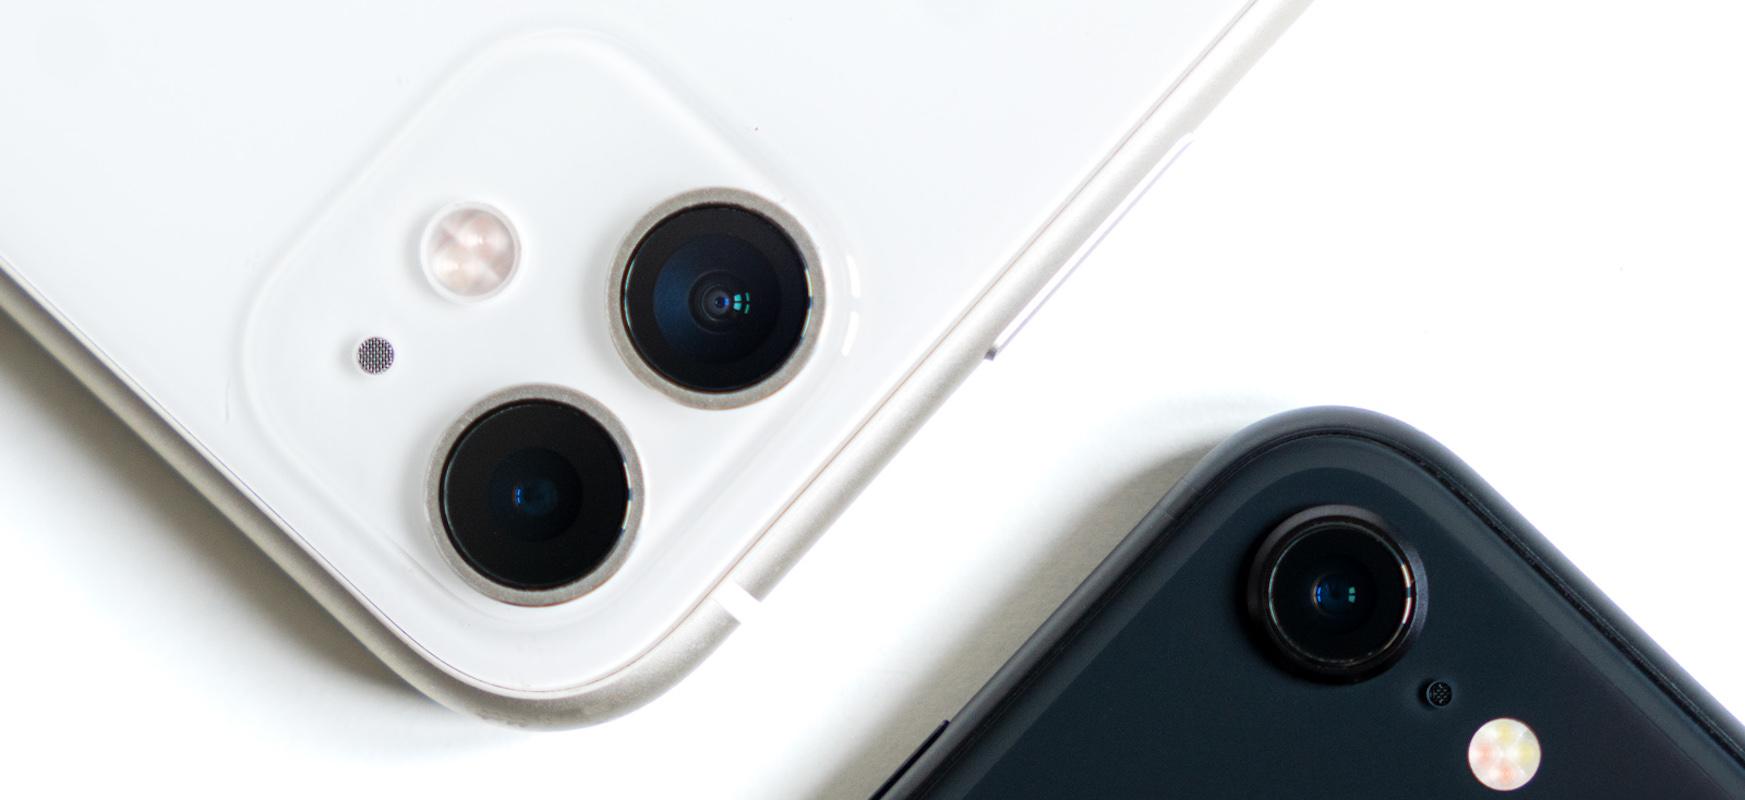 Apple ez du iPhone 12. bertsioaren askapenarekin presarik egin behar, lehia suntsitu du